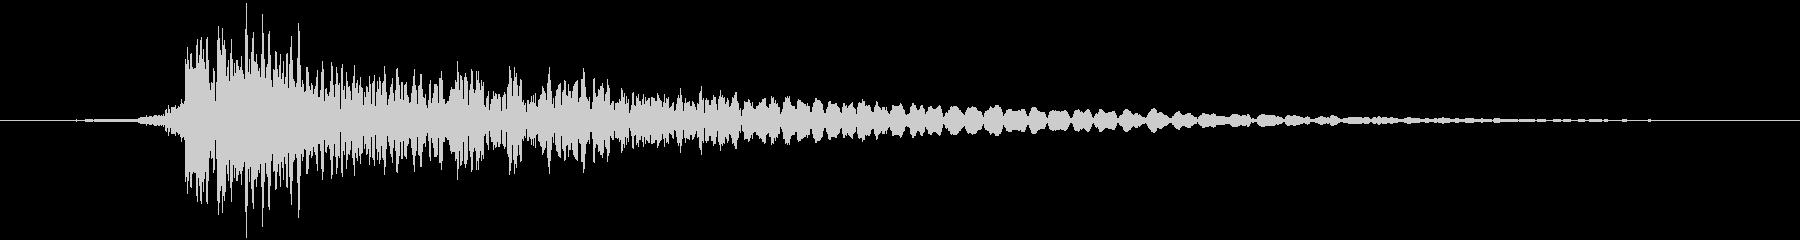 タイトルインパクト(岩を砕く)の未再生の波形